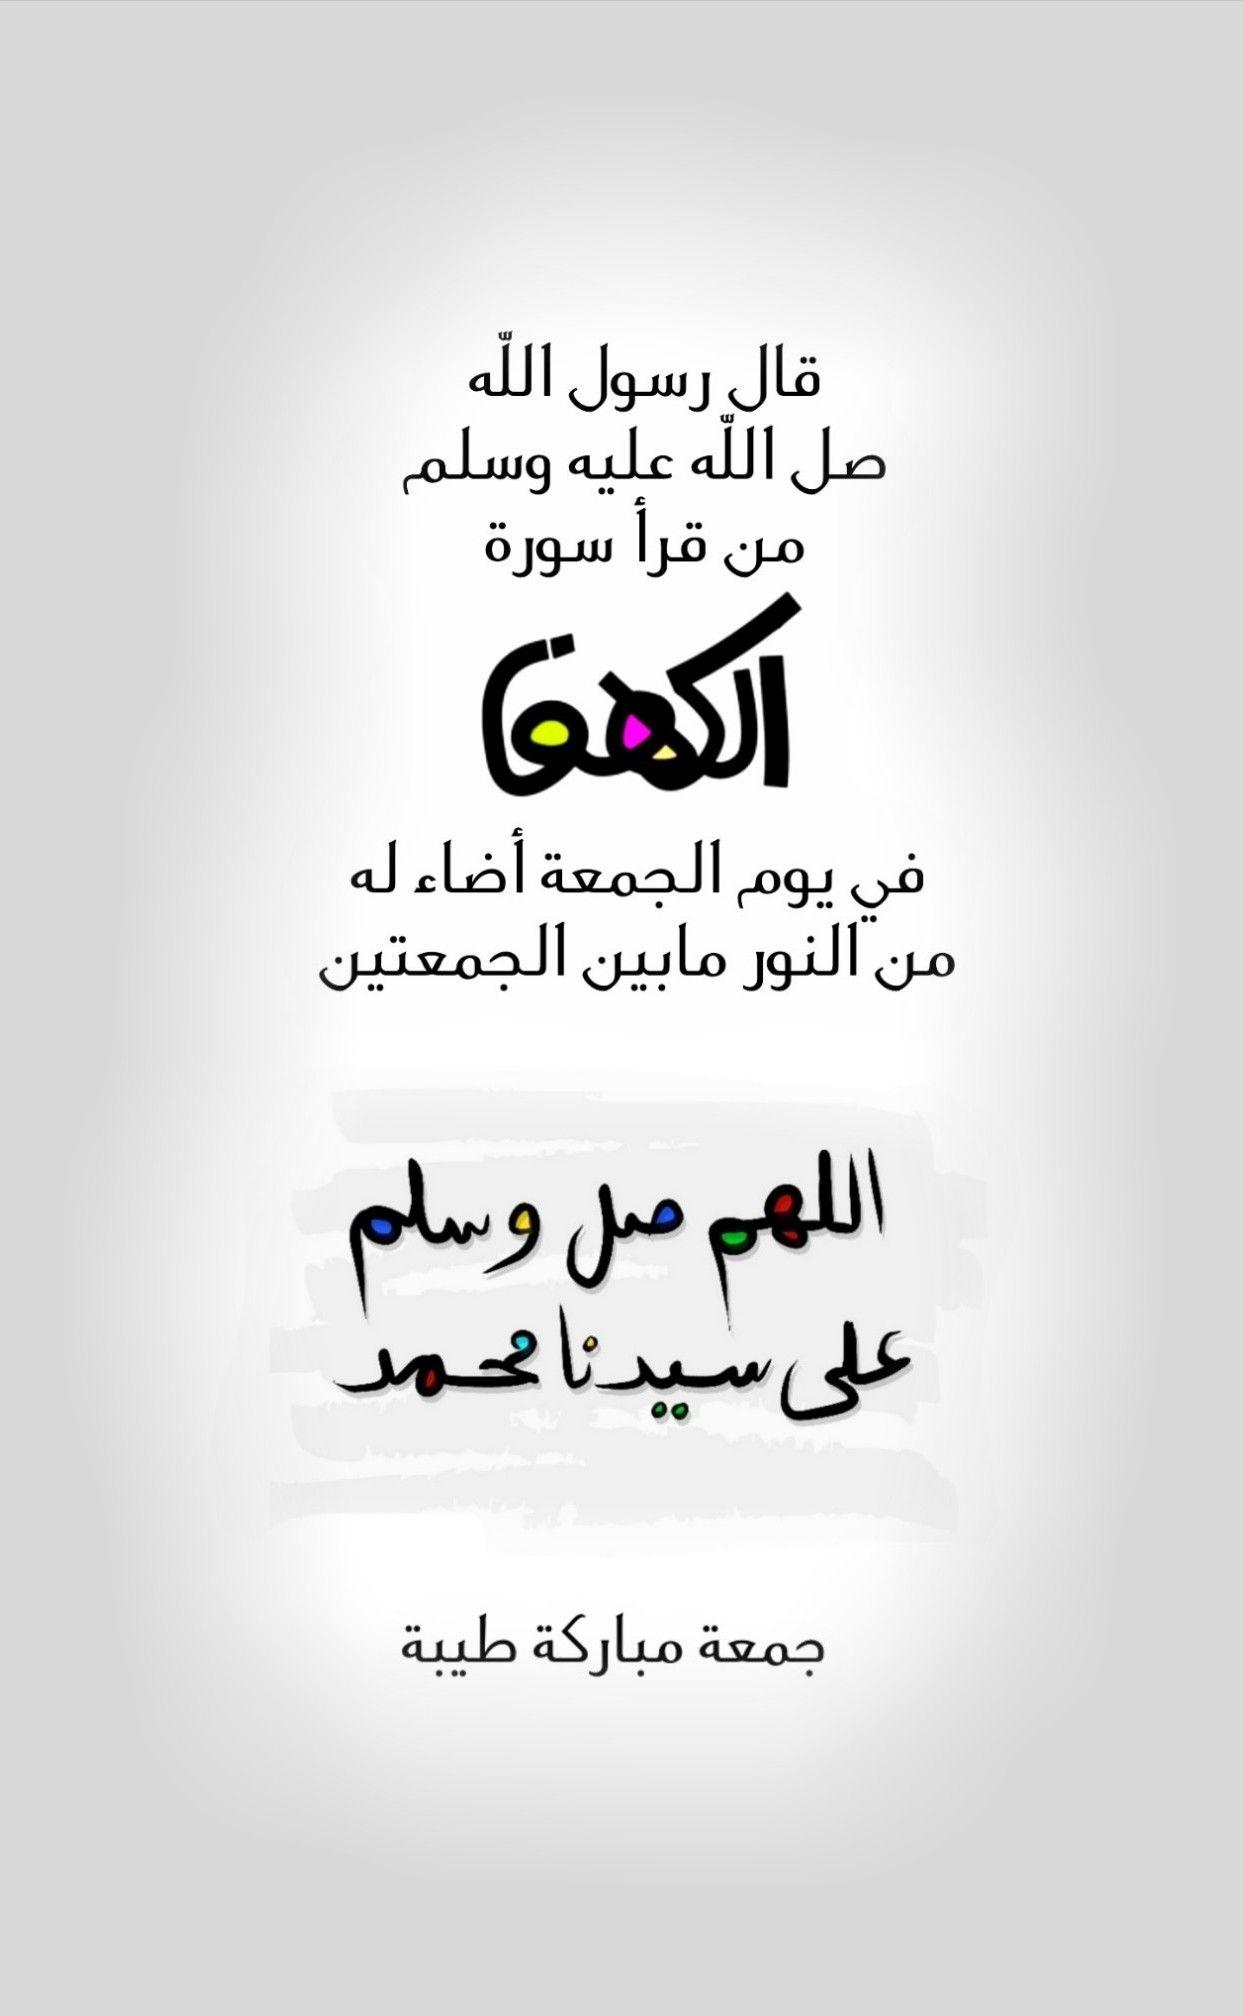 قال رسول الله ﷺ من قرأ سورة الكهف في يوم الجمعة أضاء له من النور ما بين الجمعتين Islamic Inspirational Quotes Quran Quotes Islamic Quotes